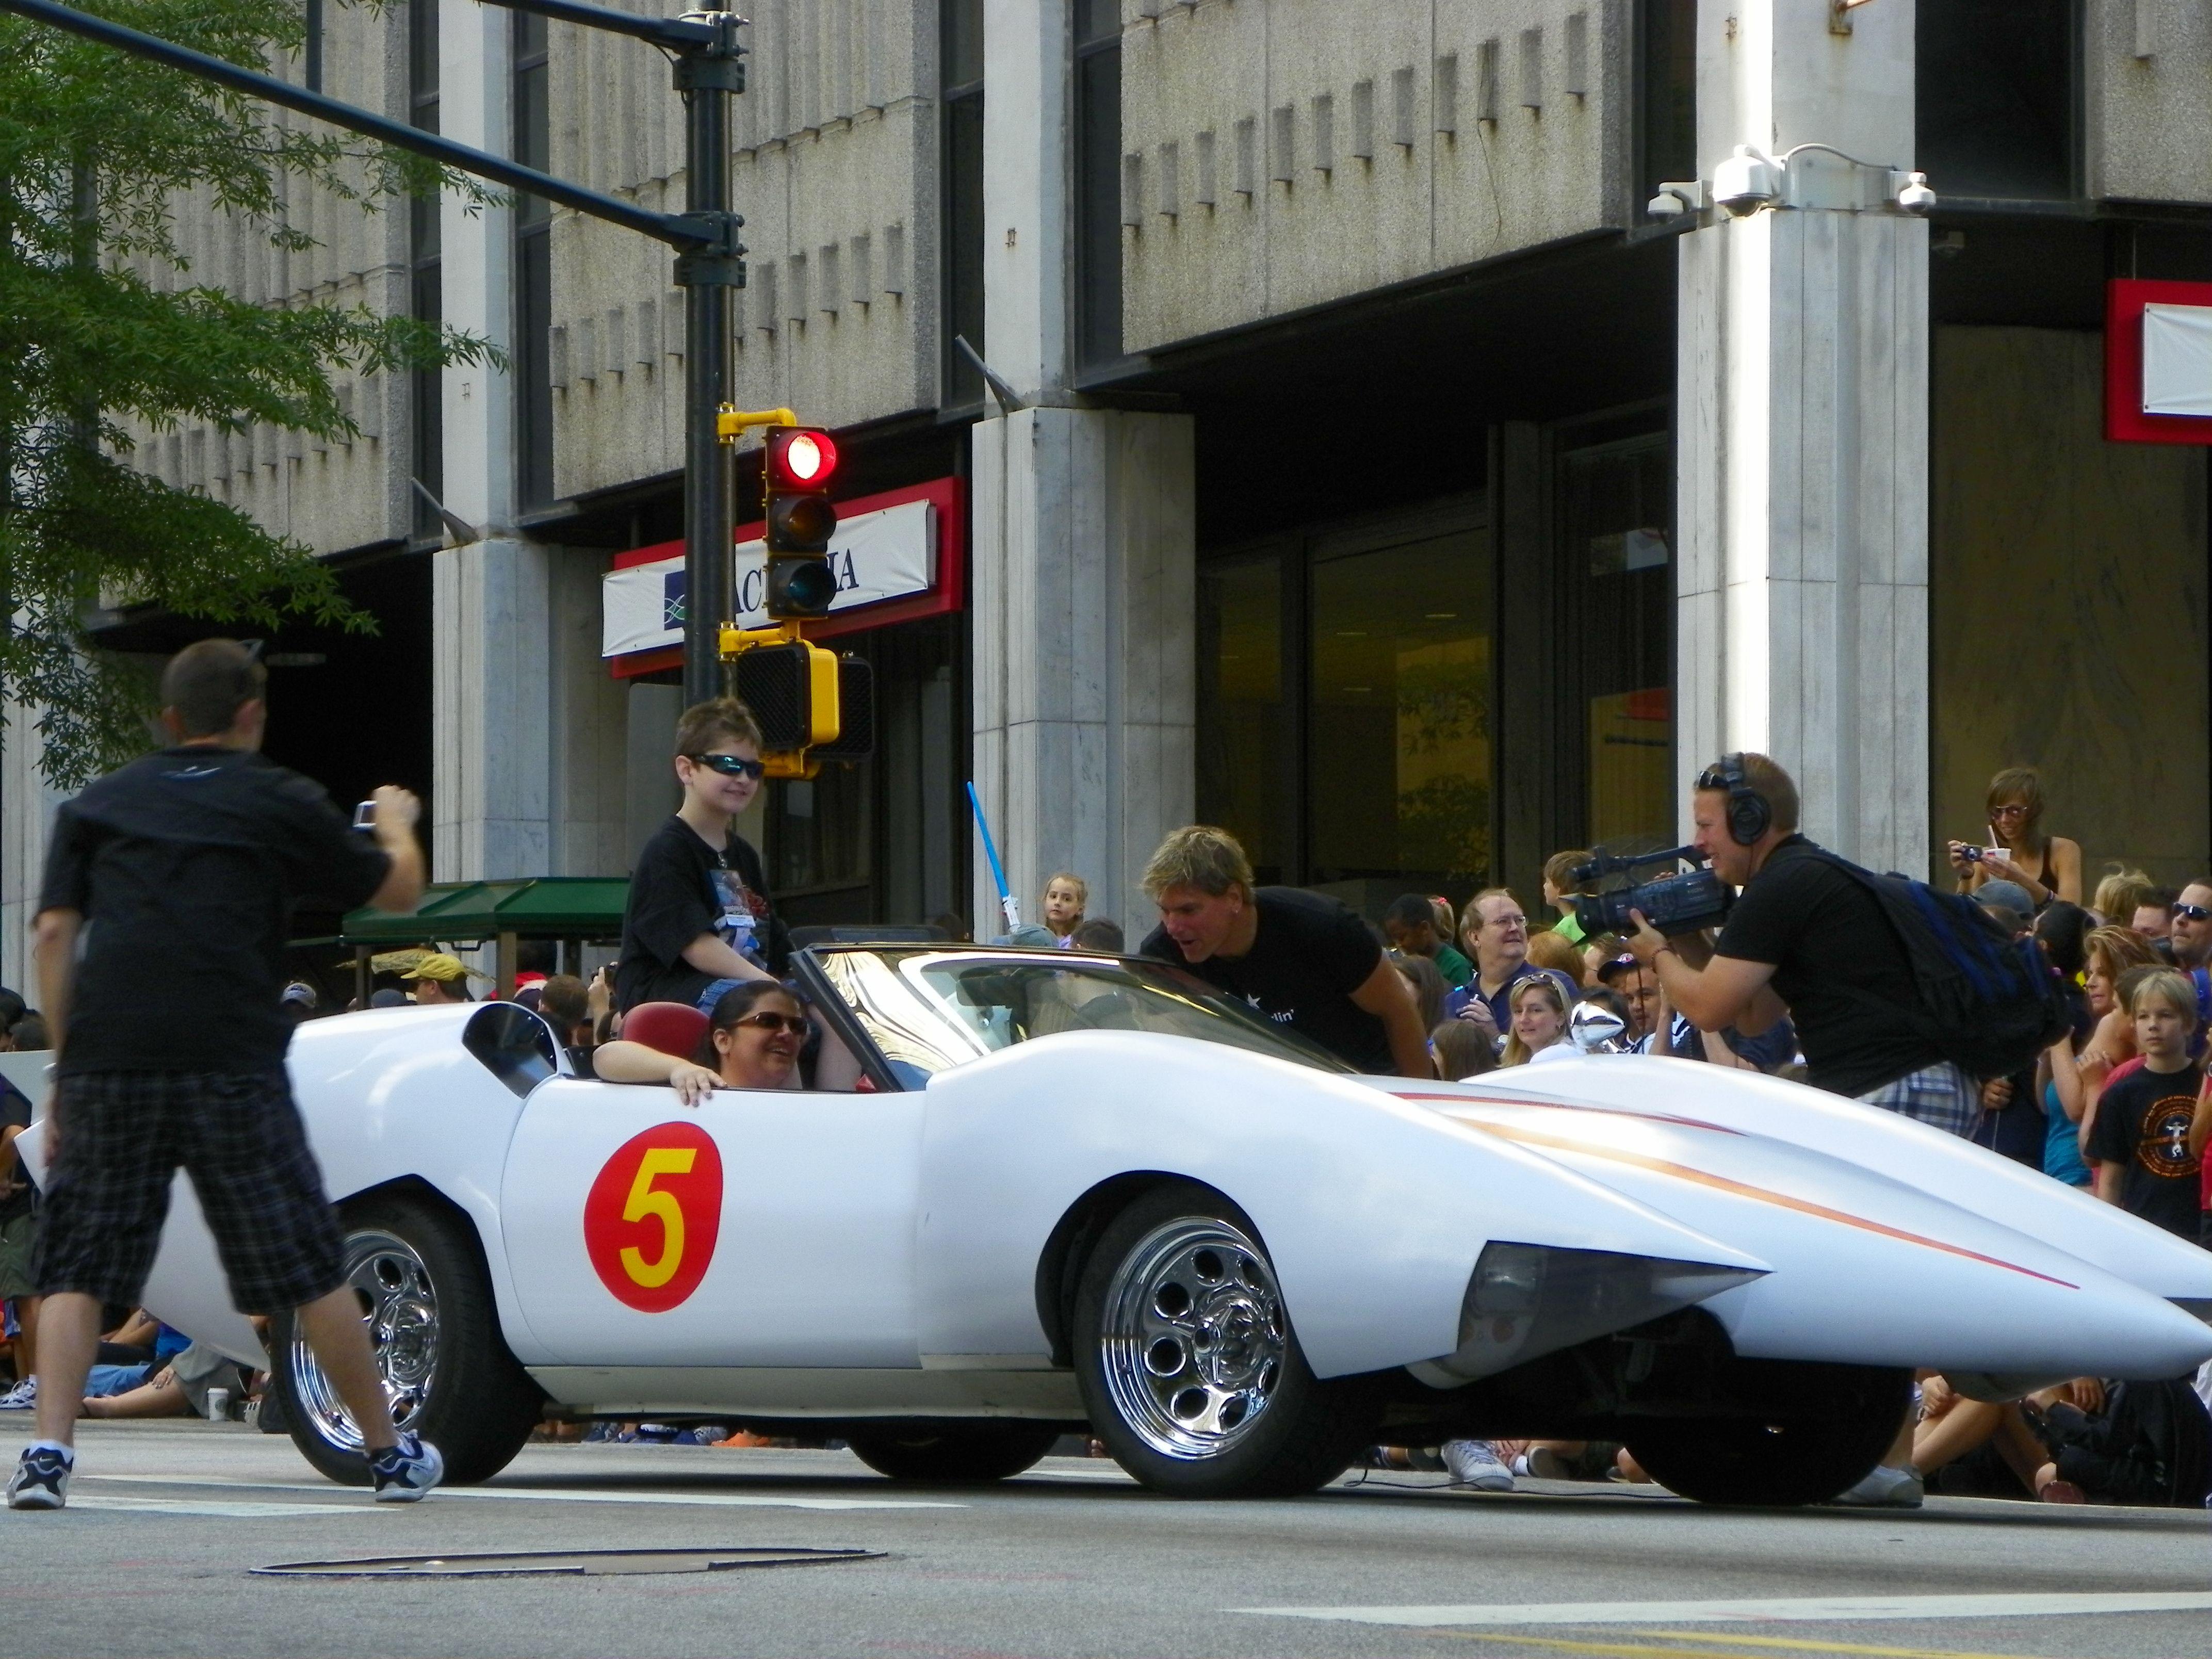 Les Voitures Font Aussi Du Cosplay : Speed Racer à La Voiture De Course Dessin Animé